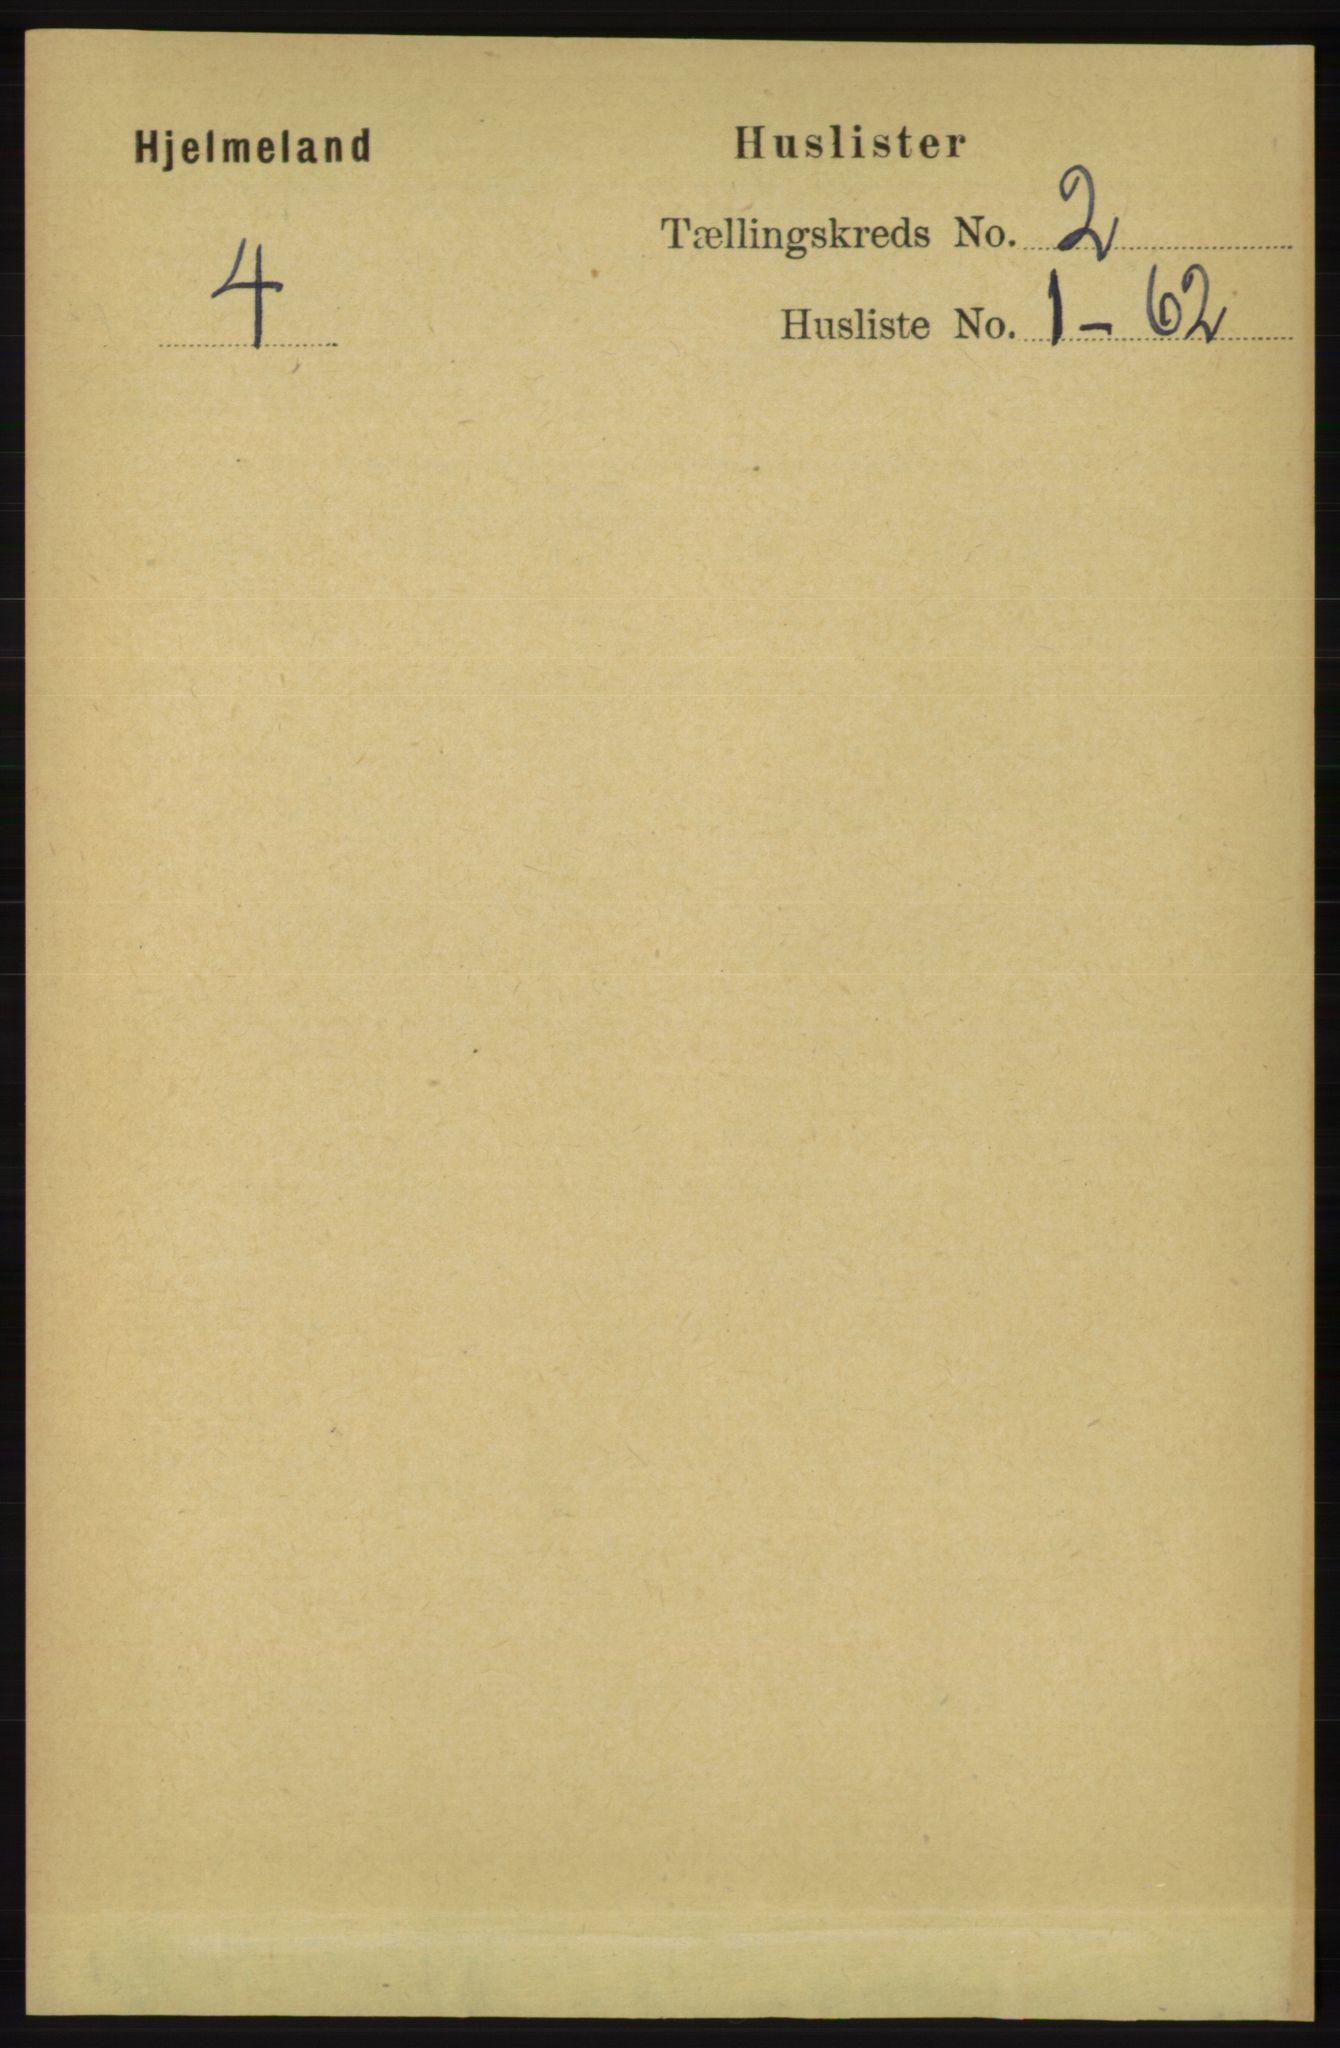 RA, Folketelling 1891 for 1133 Hjelmeland herred, 1891, s. 319